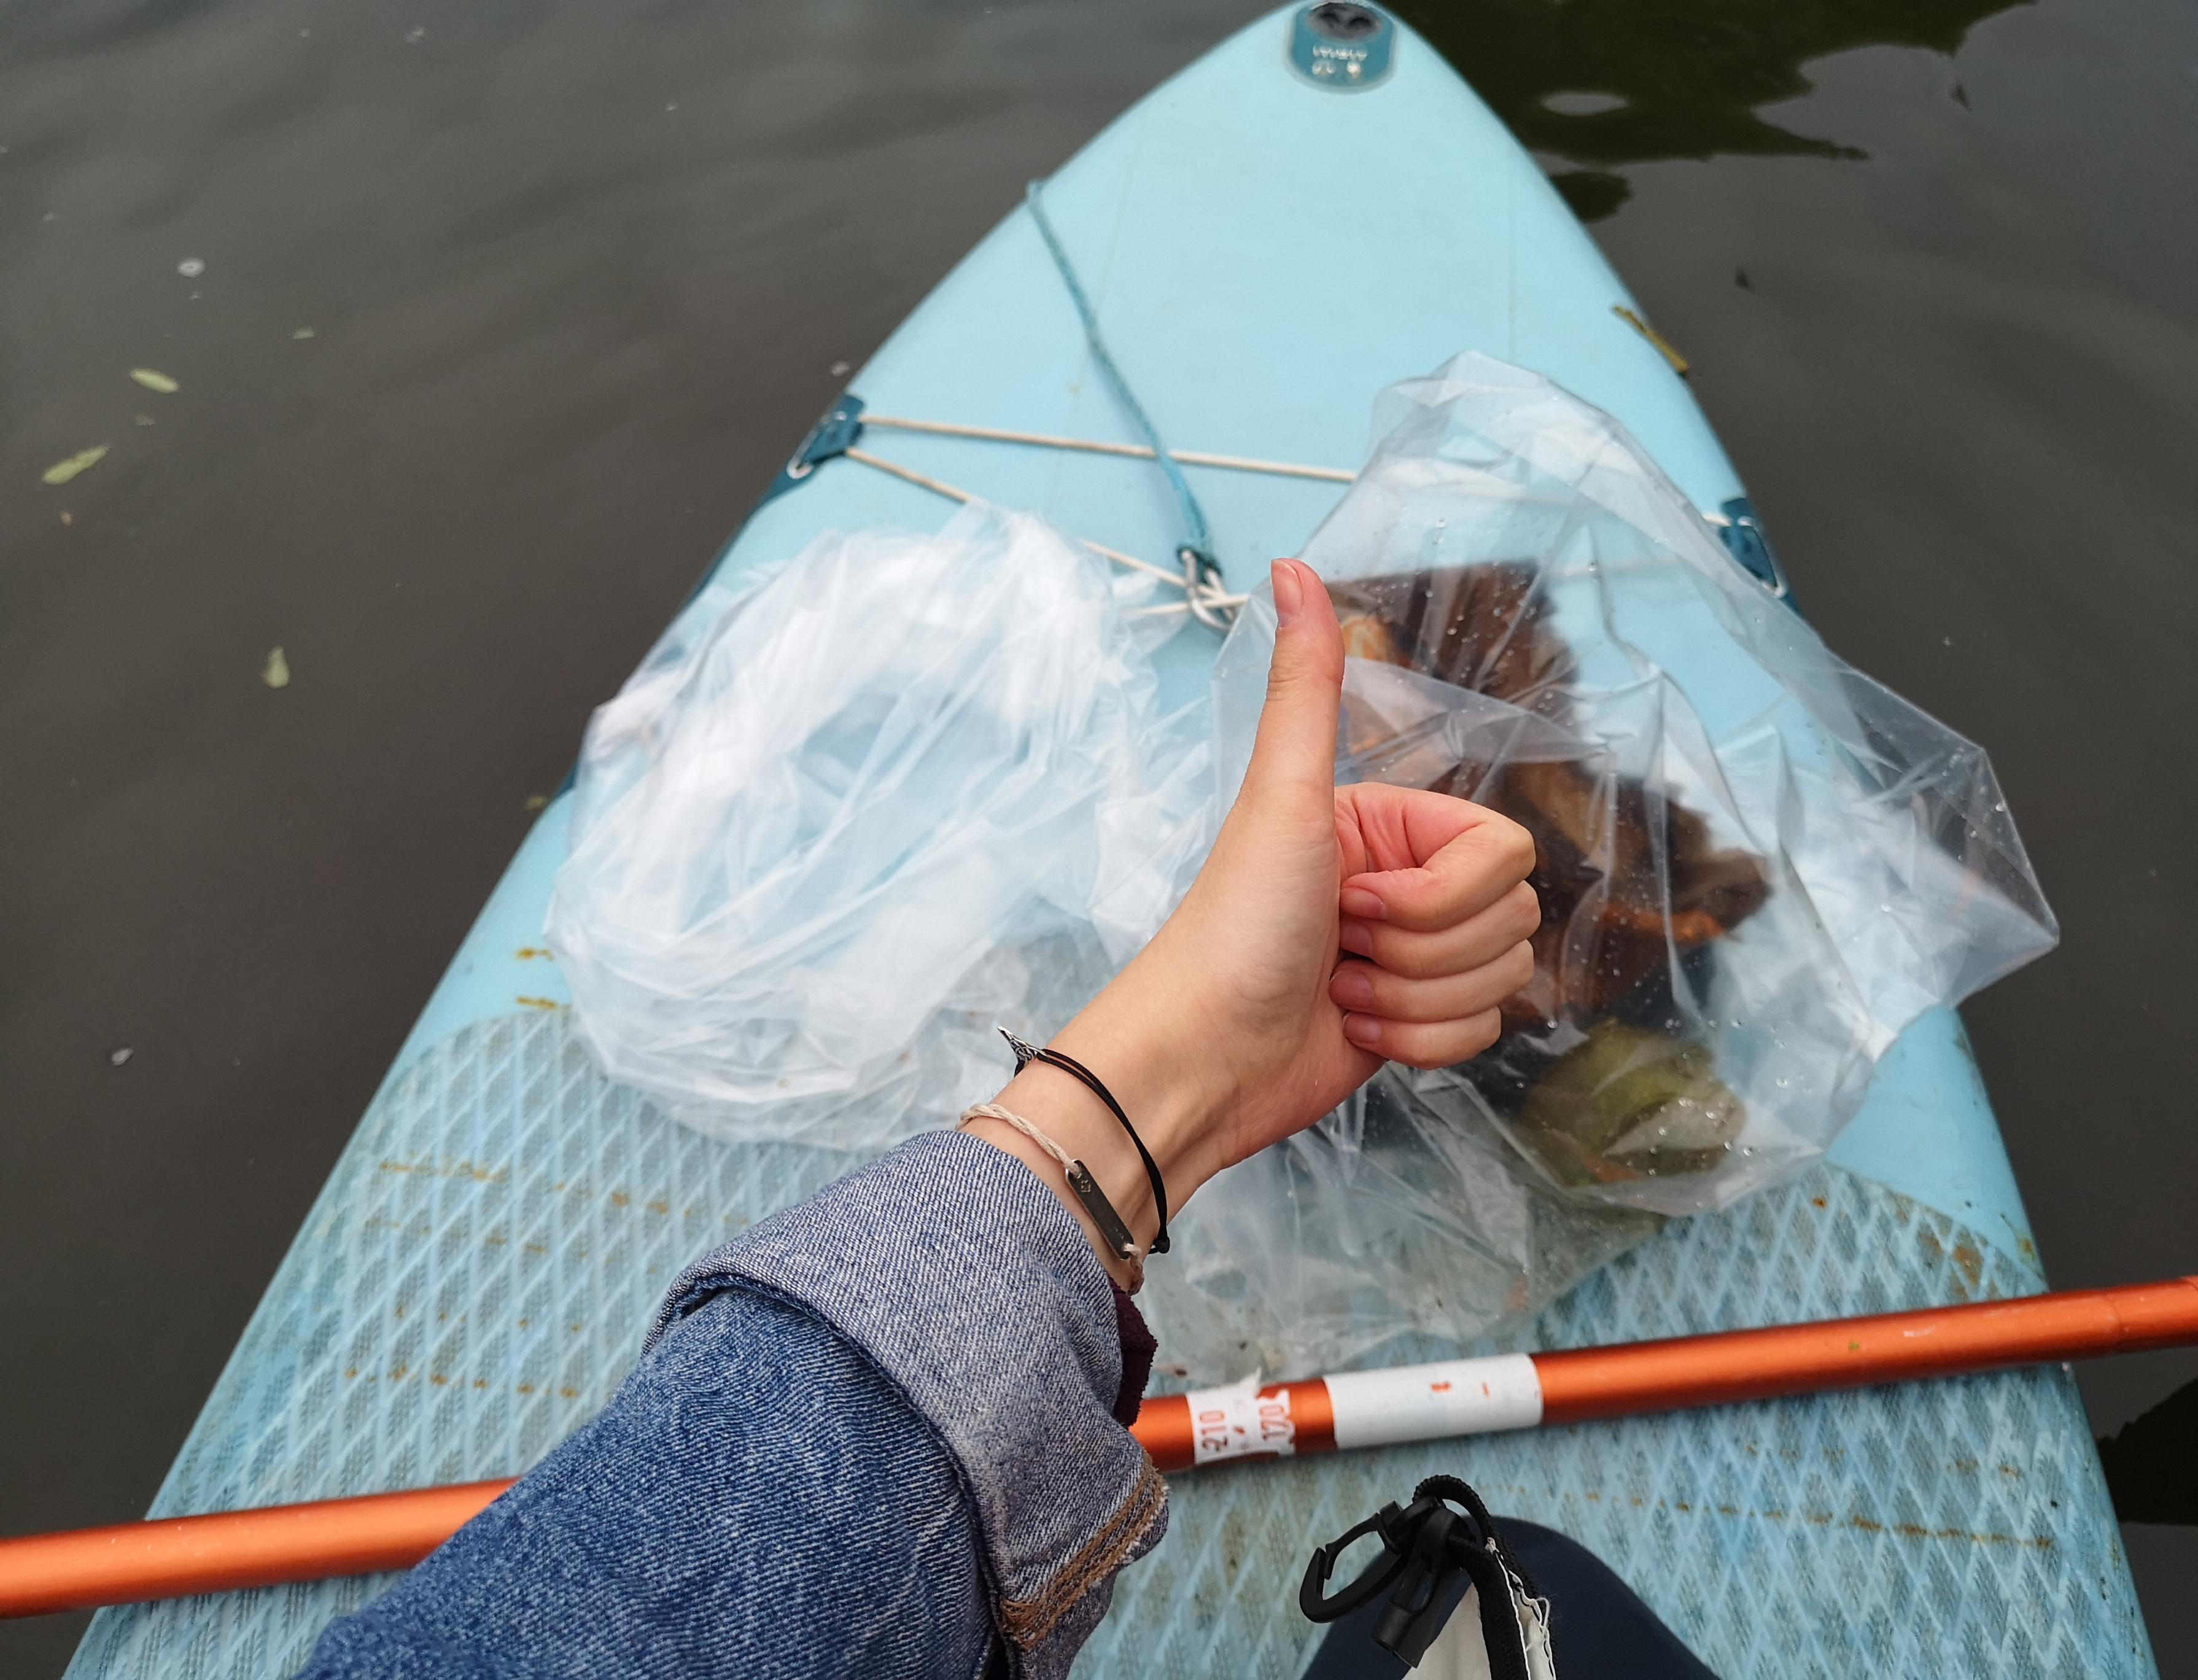 Экологический SUP-патруль: как в Коломне с помощью лодок и весел очищают реки